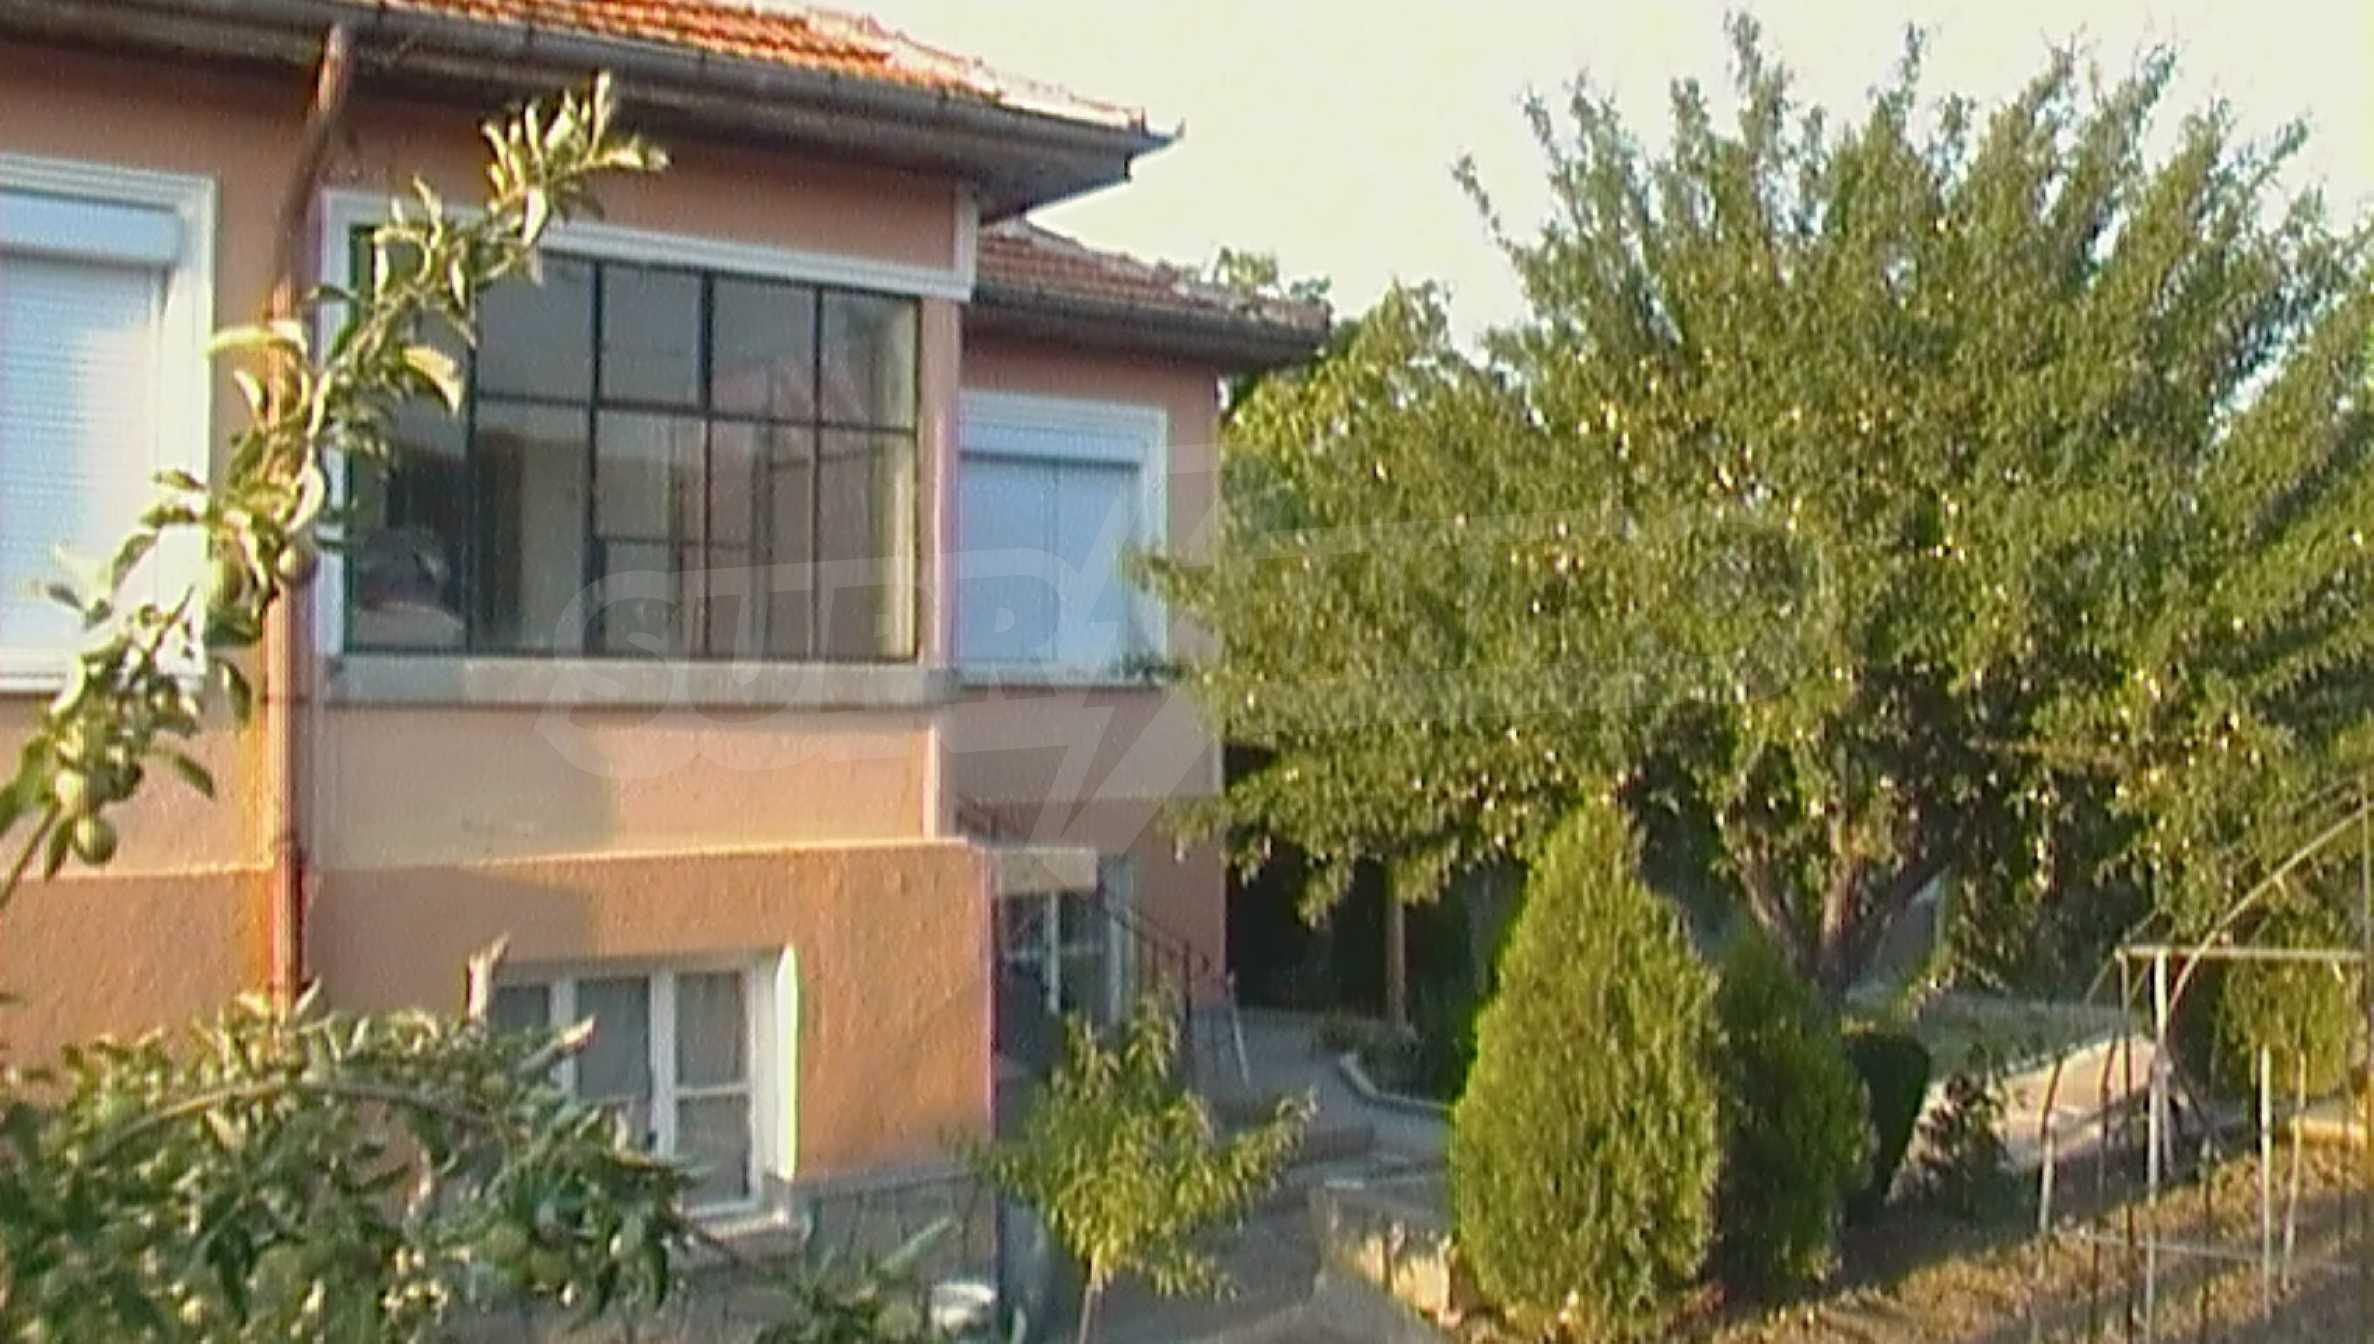 Ein solides zweistöckiges Haus in einem ruhigen Dorf in der Nähe von Kurort und Haskovo 2